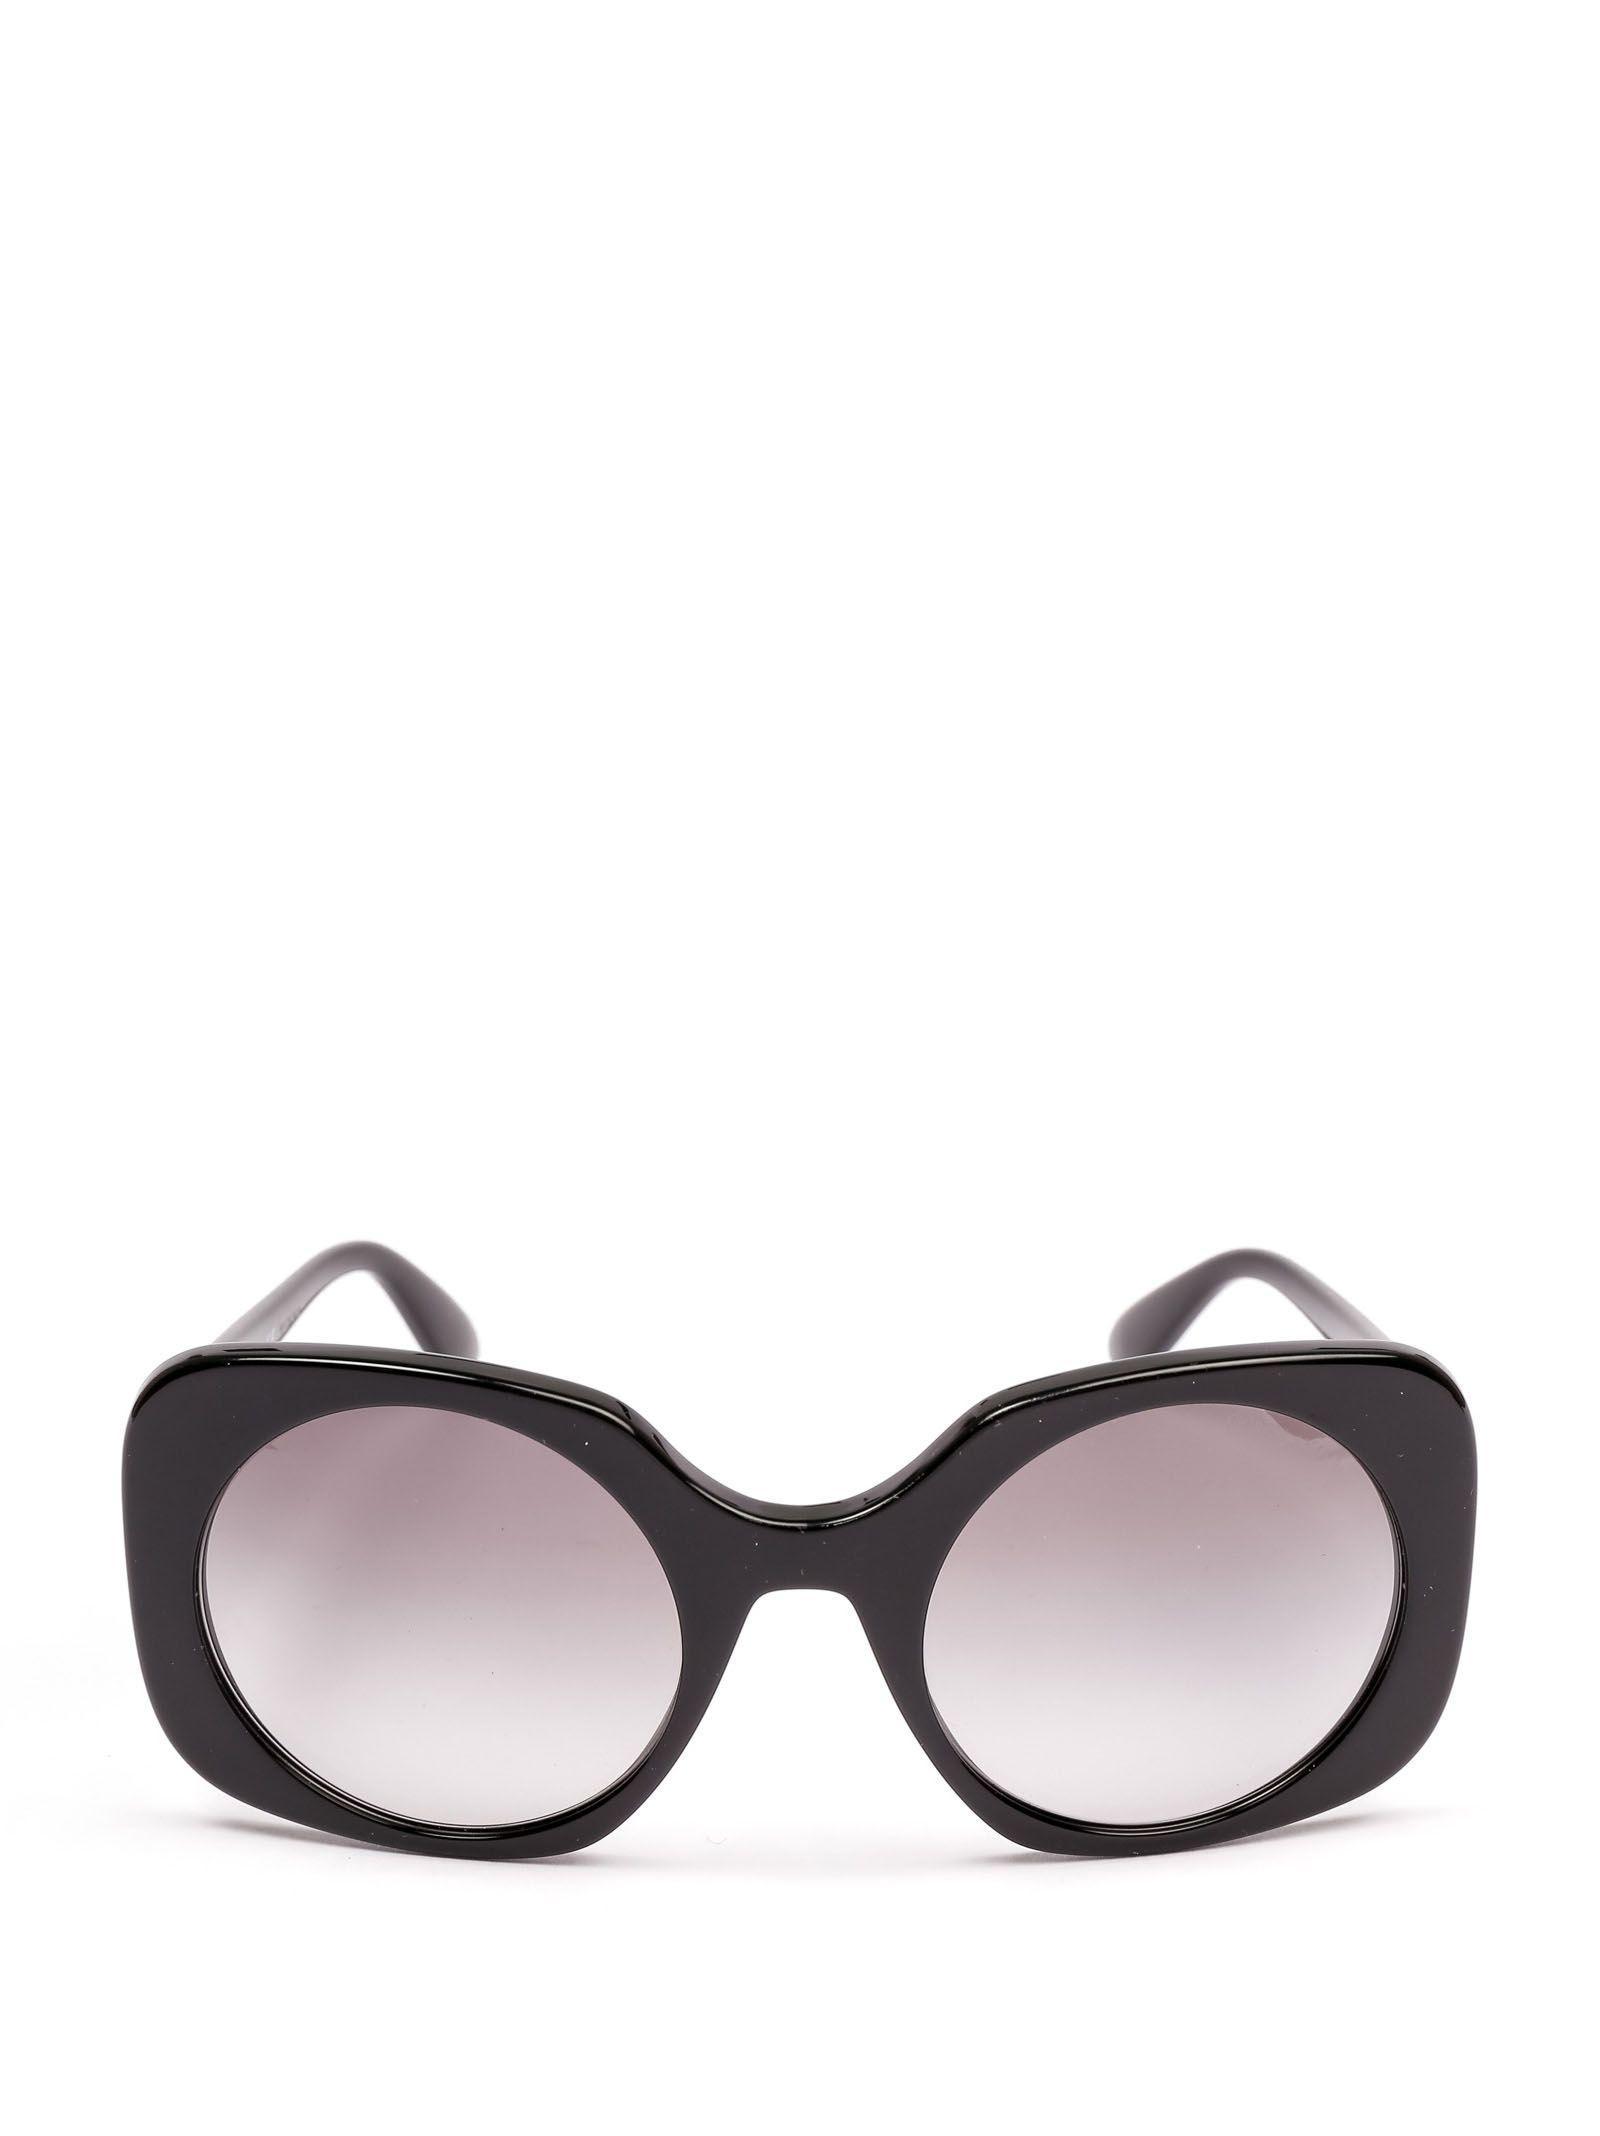 e5fdbfbaca5e Giorgio Armani Black Acetate Sunglasses in Black - Lyst